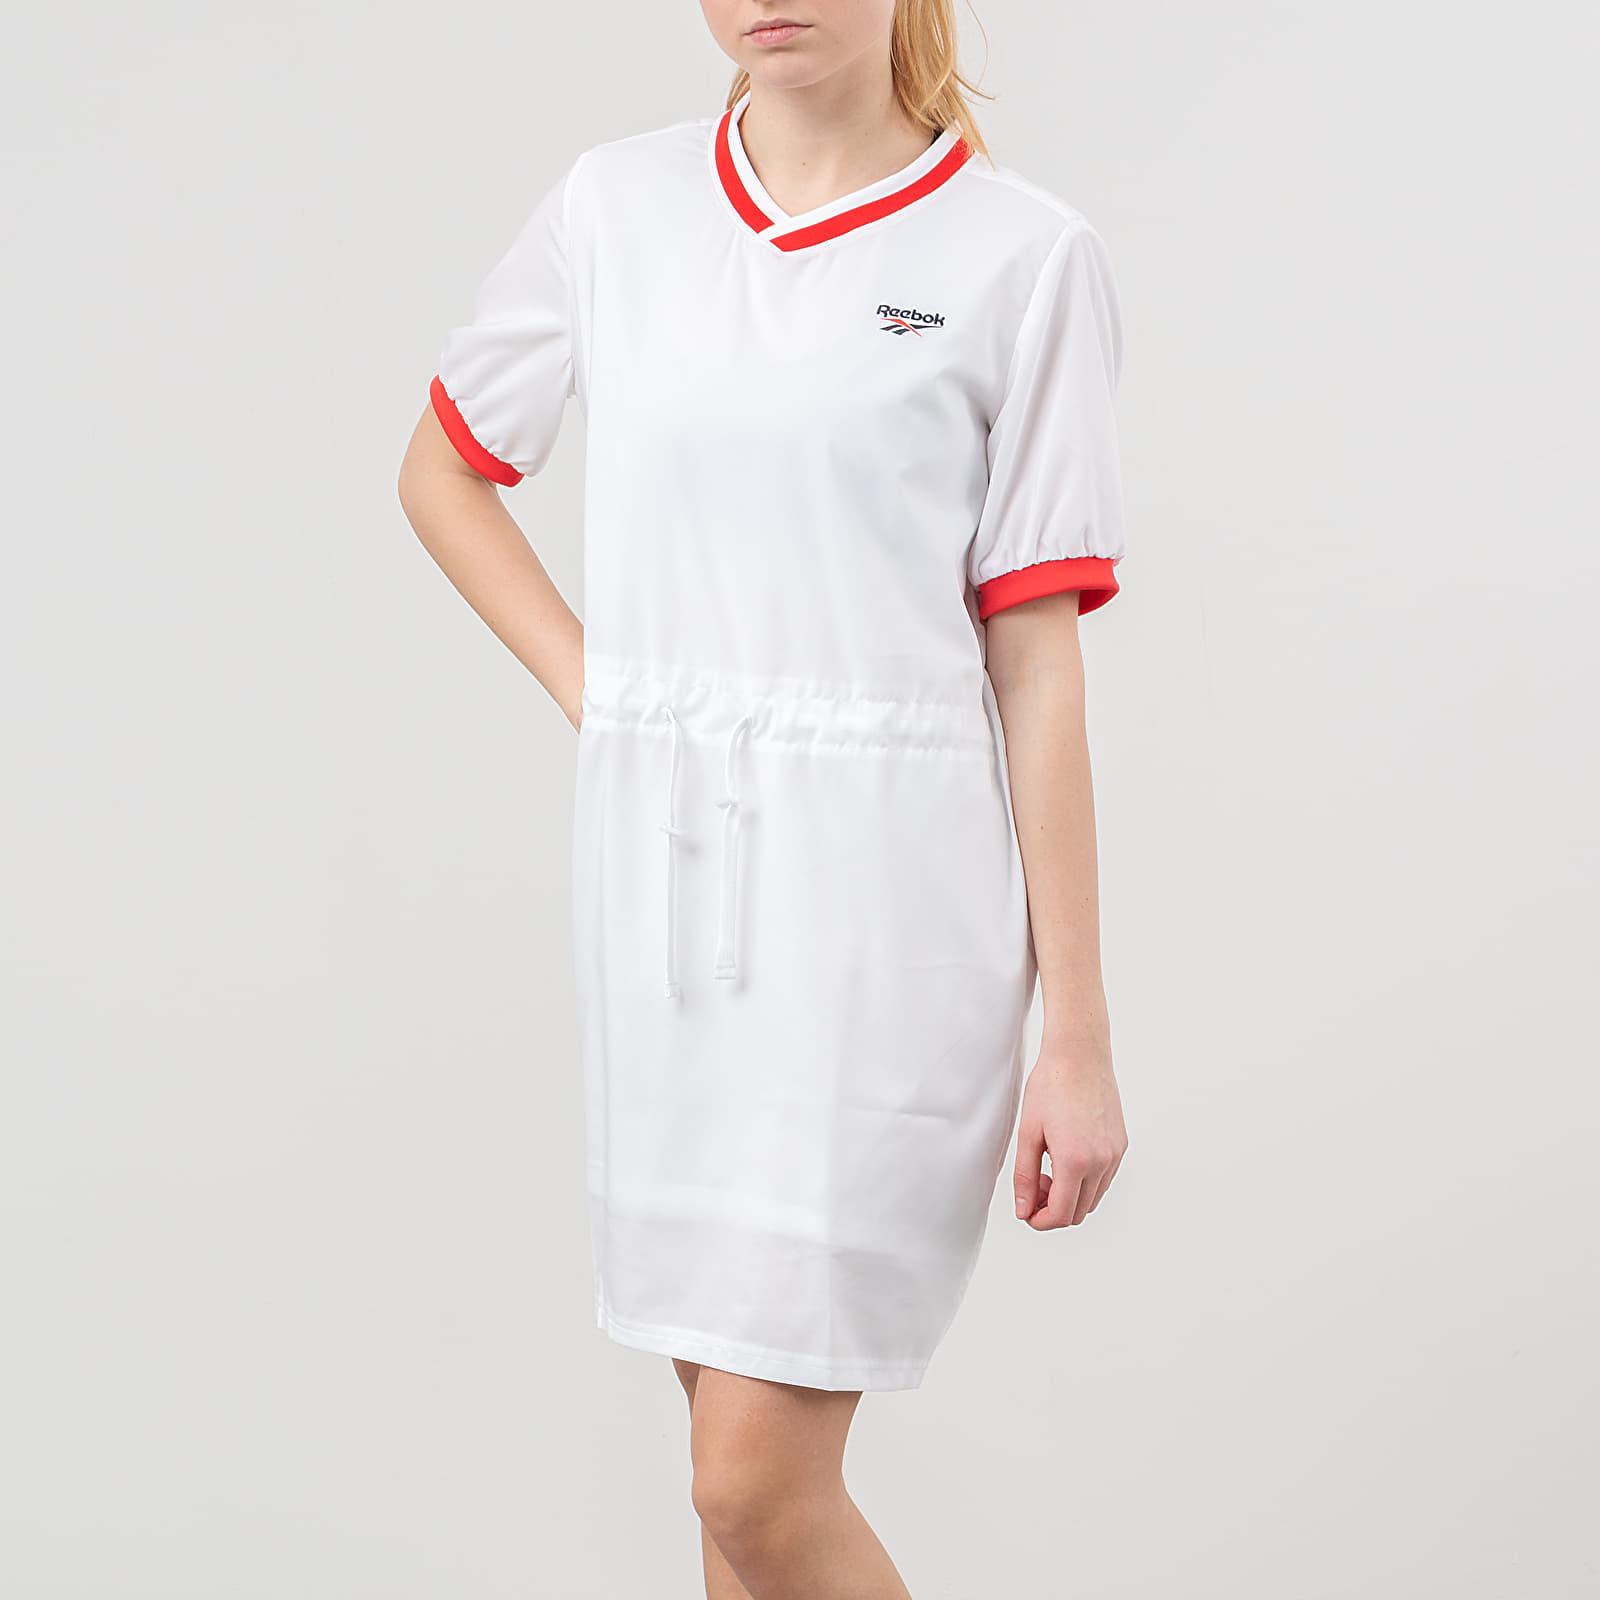 Reebok Classic Tennis Dress